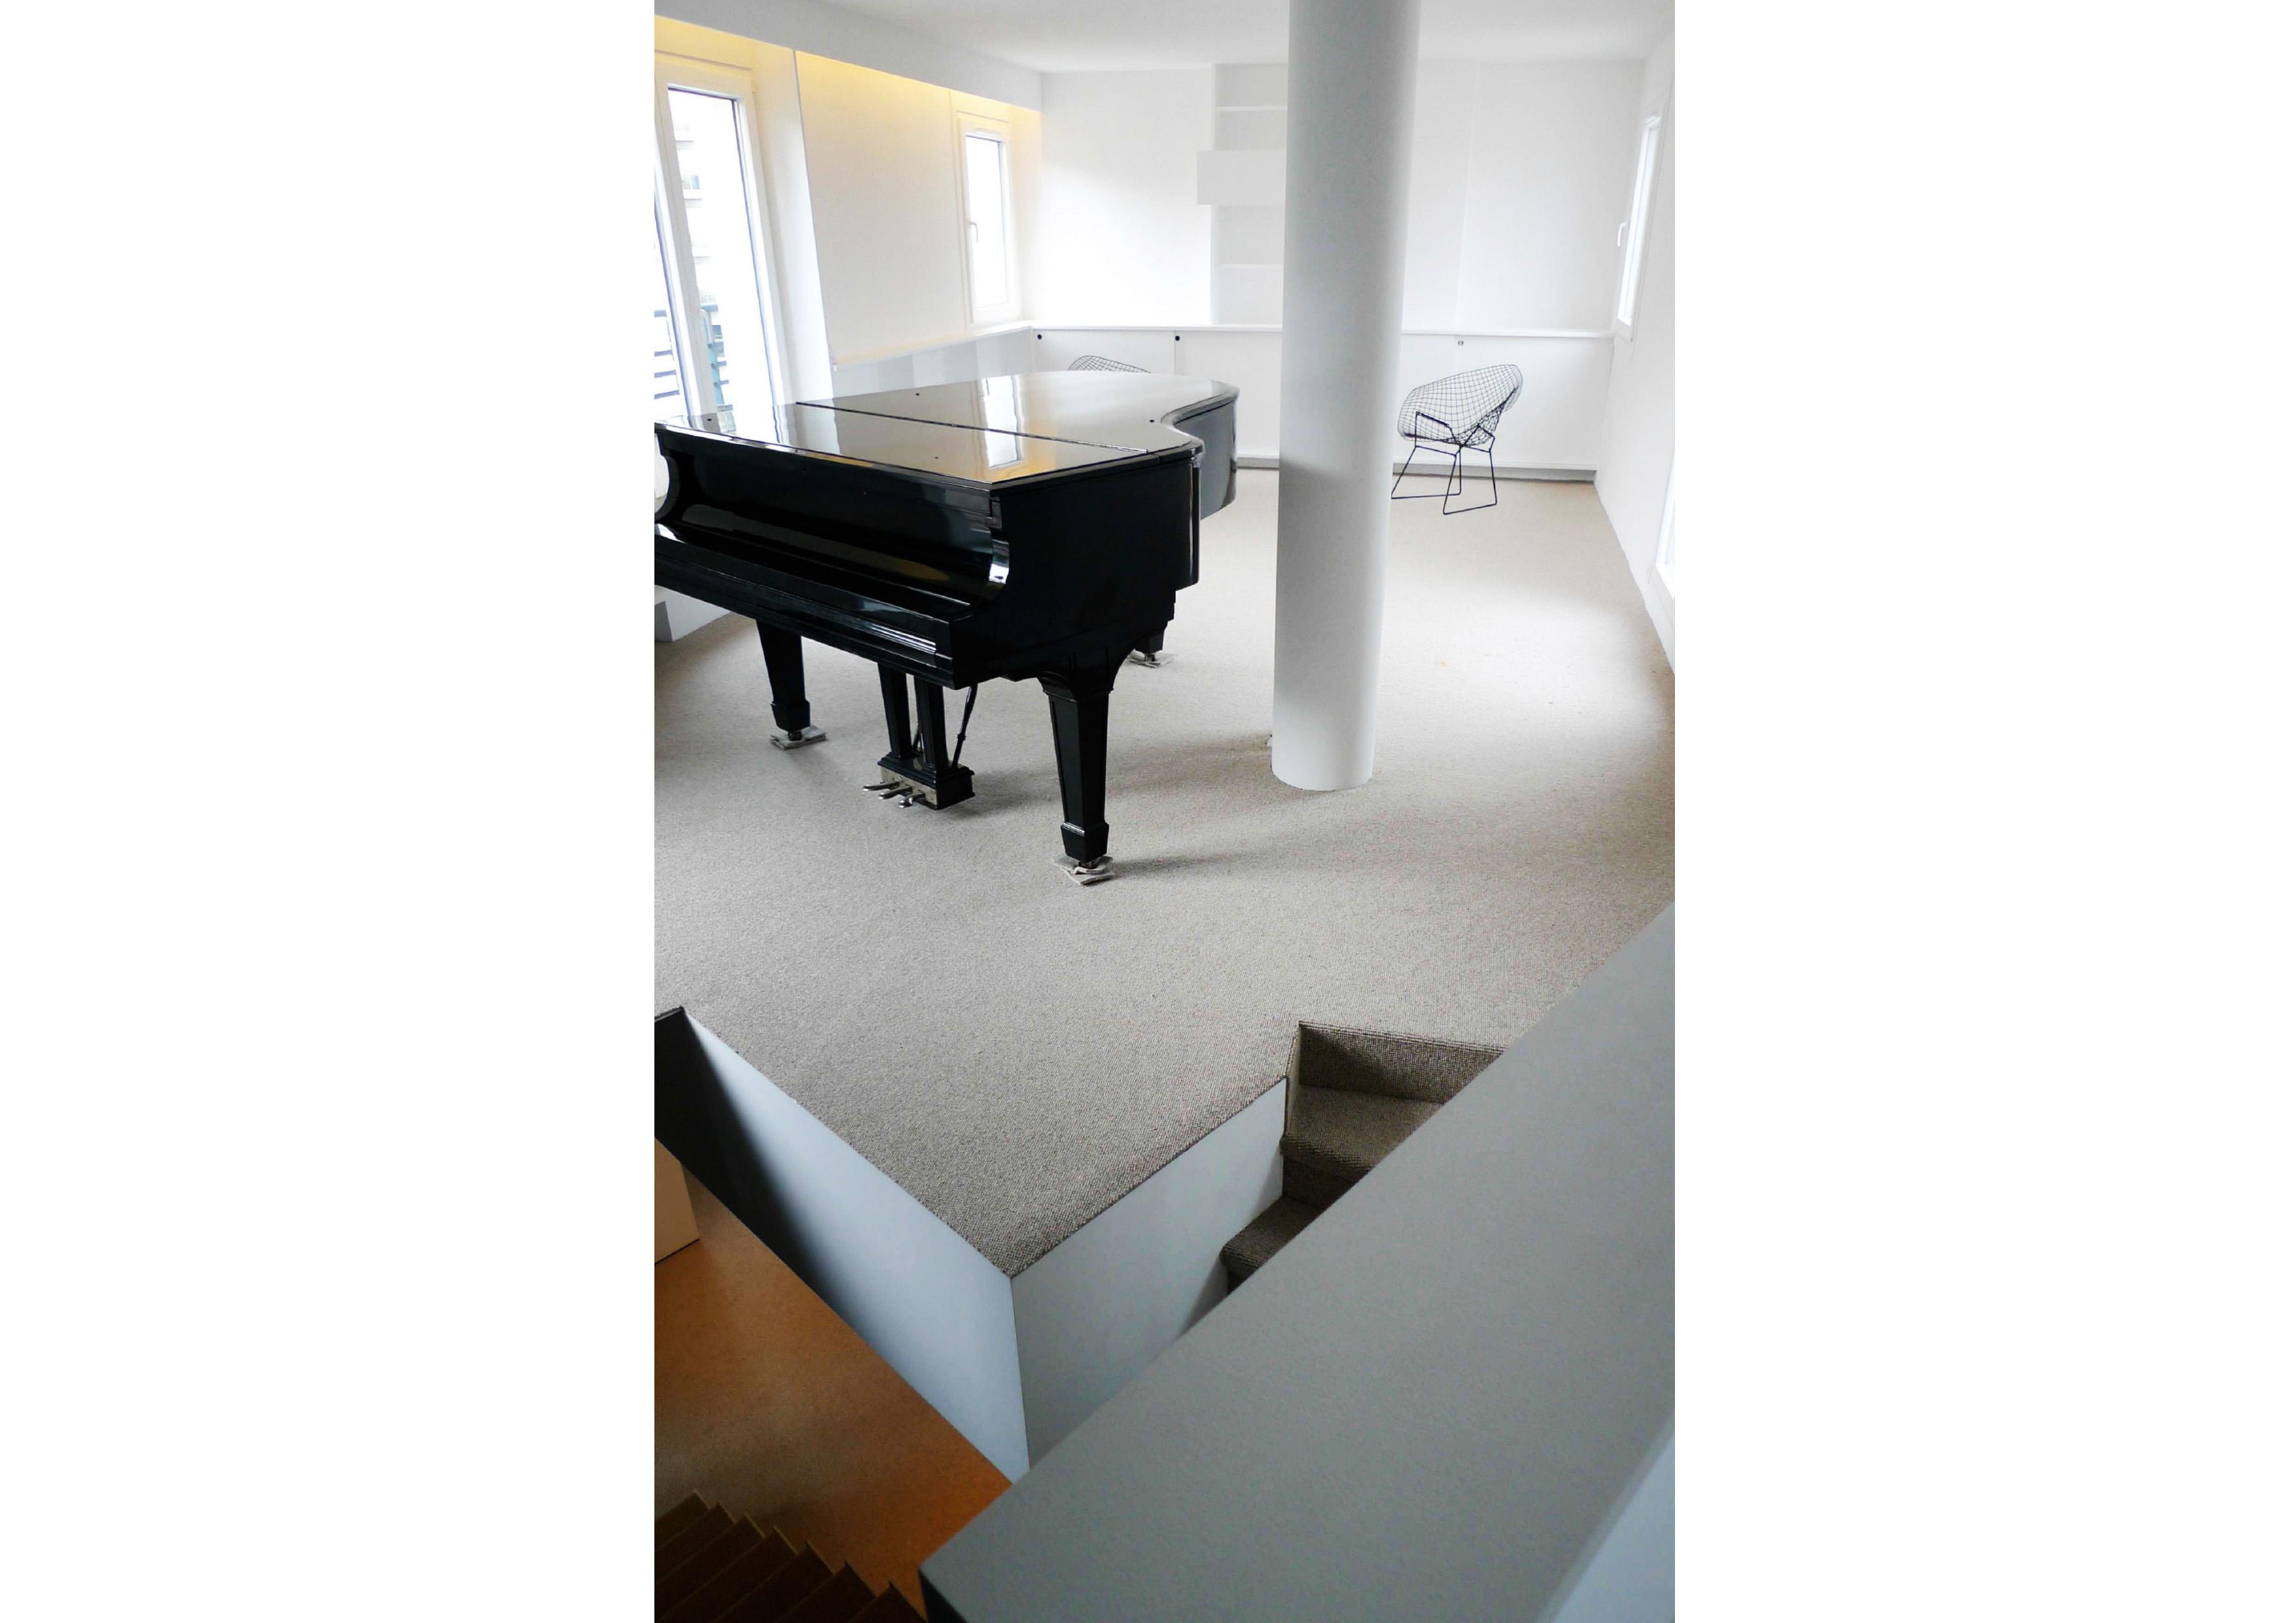 ameliemorinbernat.com trémie escalier piano